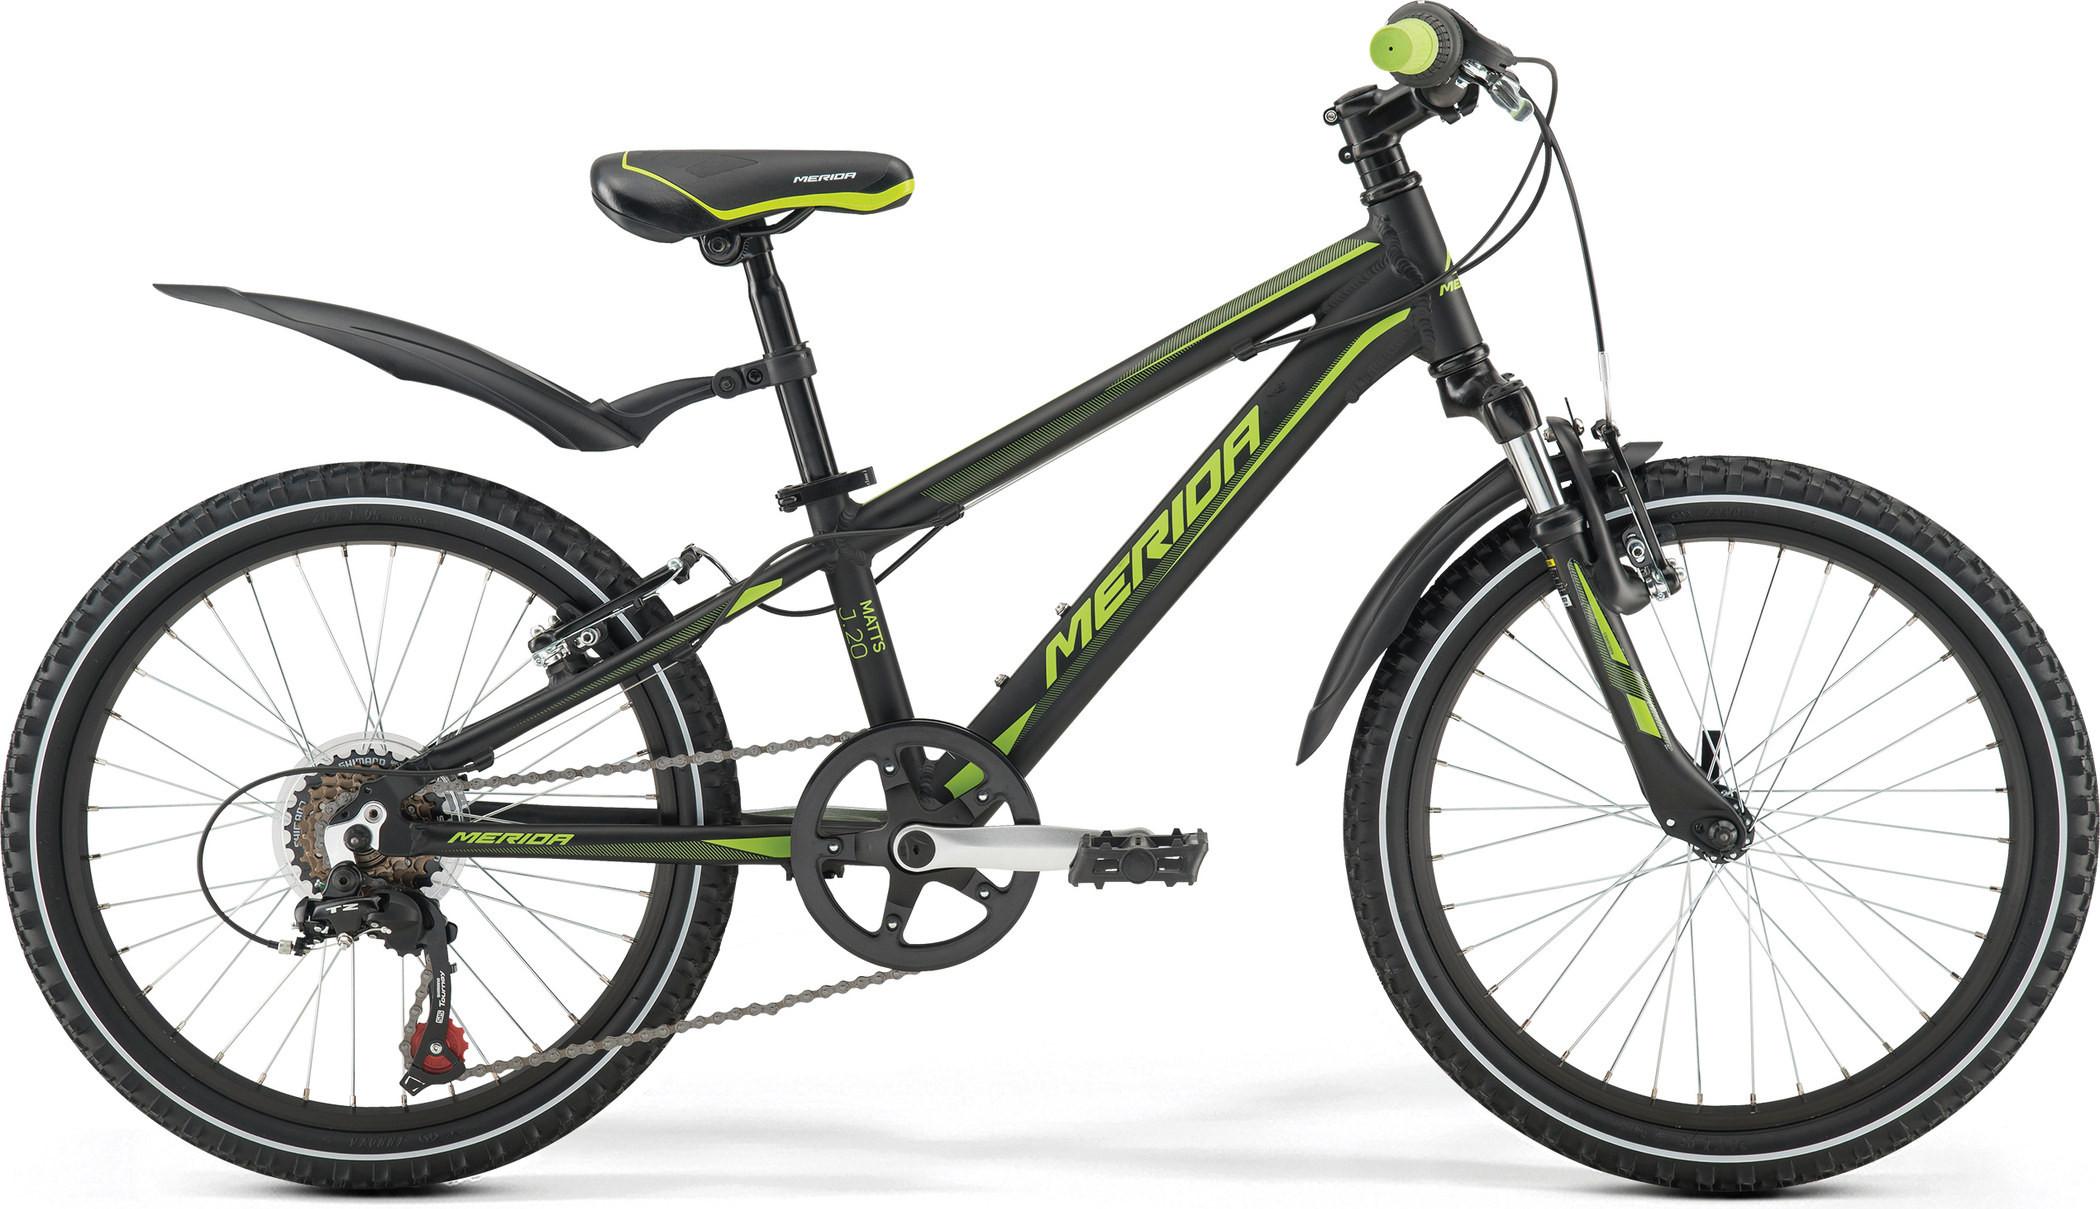 Детский велосипед Merida Matts J20 boy 2017 black/green